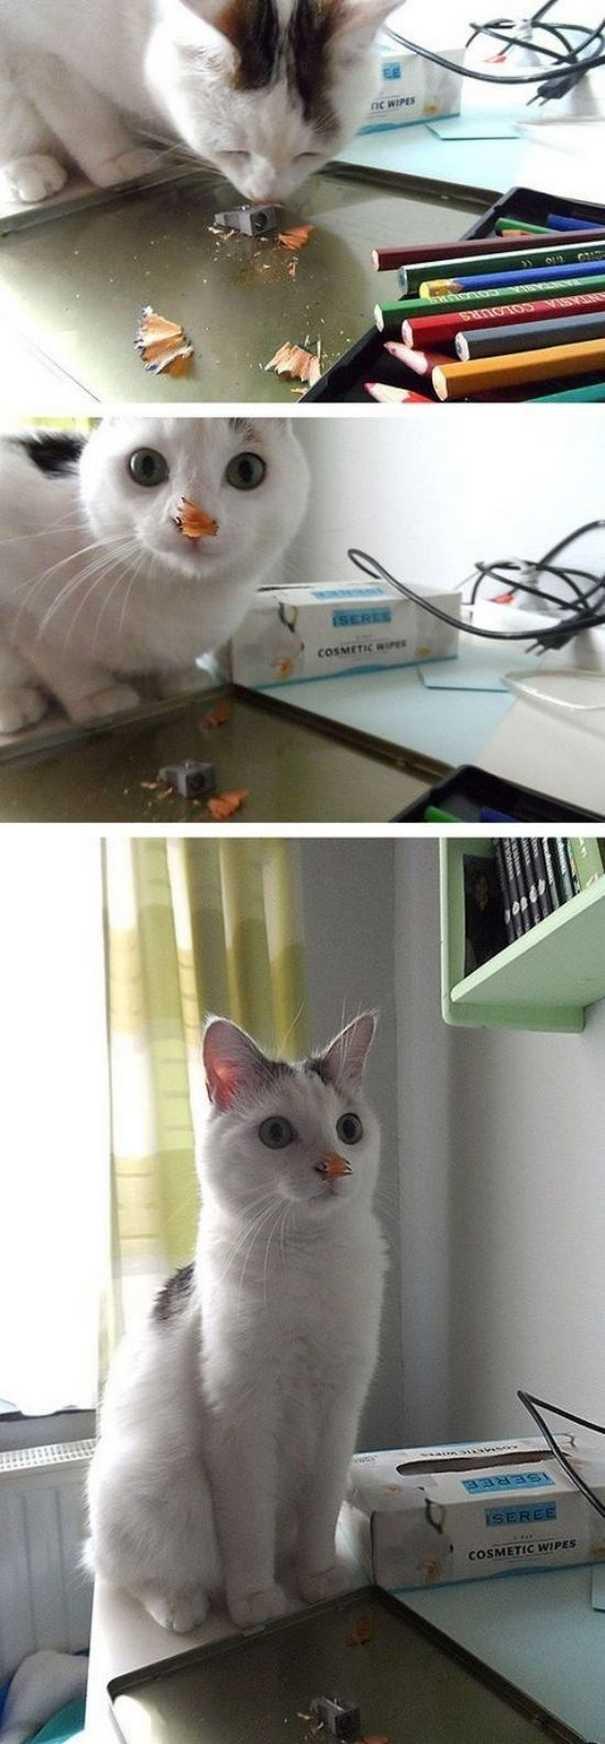 Γάτες που... κάνουν τα δικά τους! #60 (7)